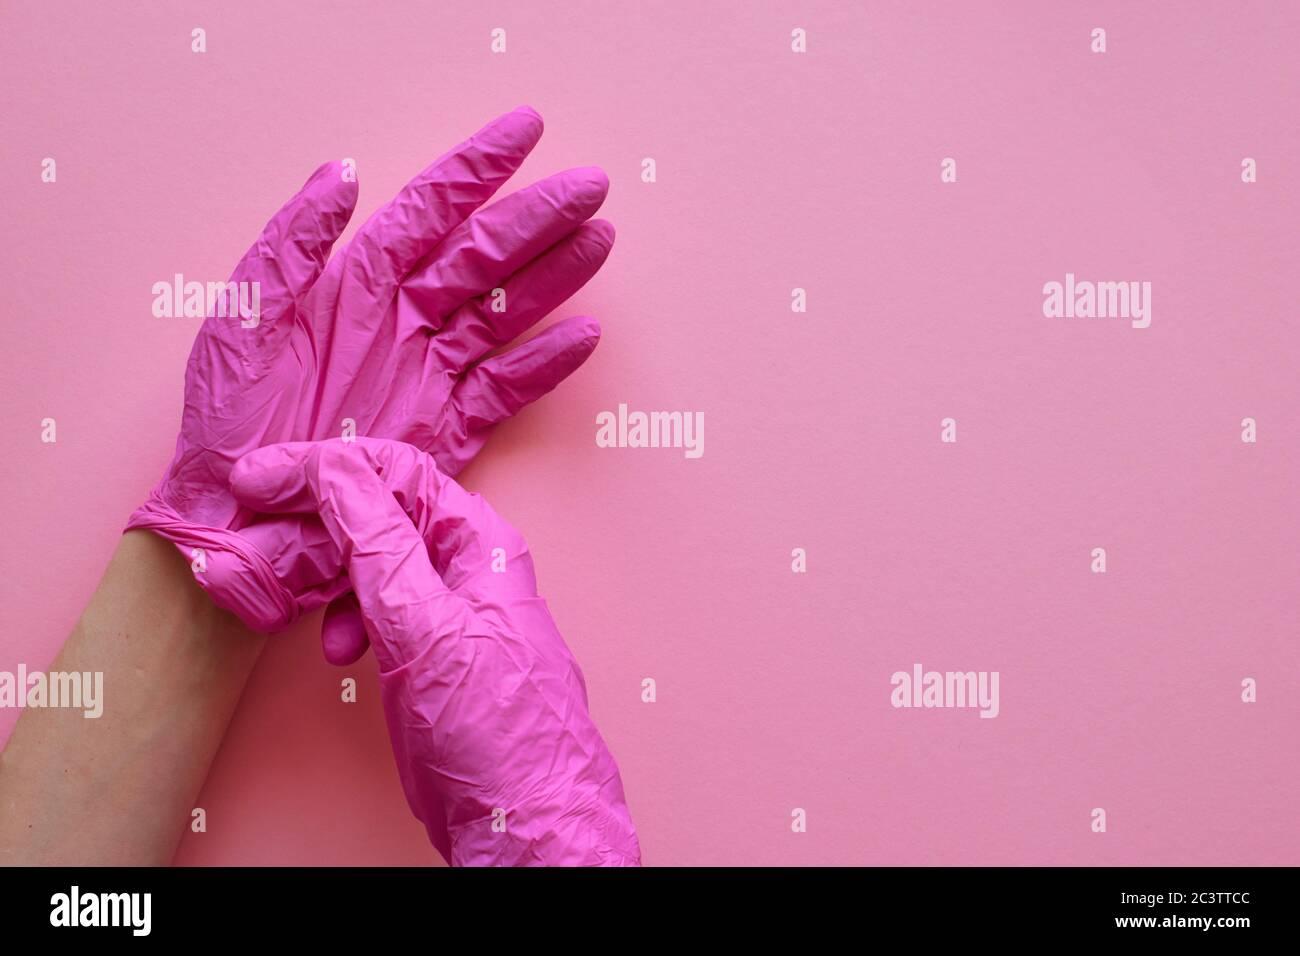 Manos con guantes rosas sobre fondo rosa. Concepto de prevención del virus coronavirus covid-19. Fondo rosa, copyspase. Diseño, vista superior, plano. Foto de stock